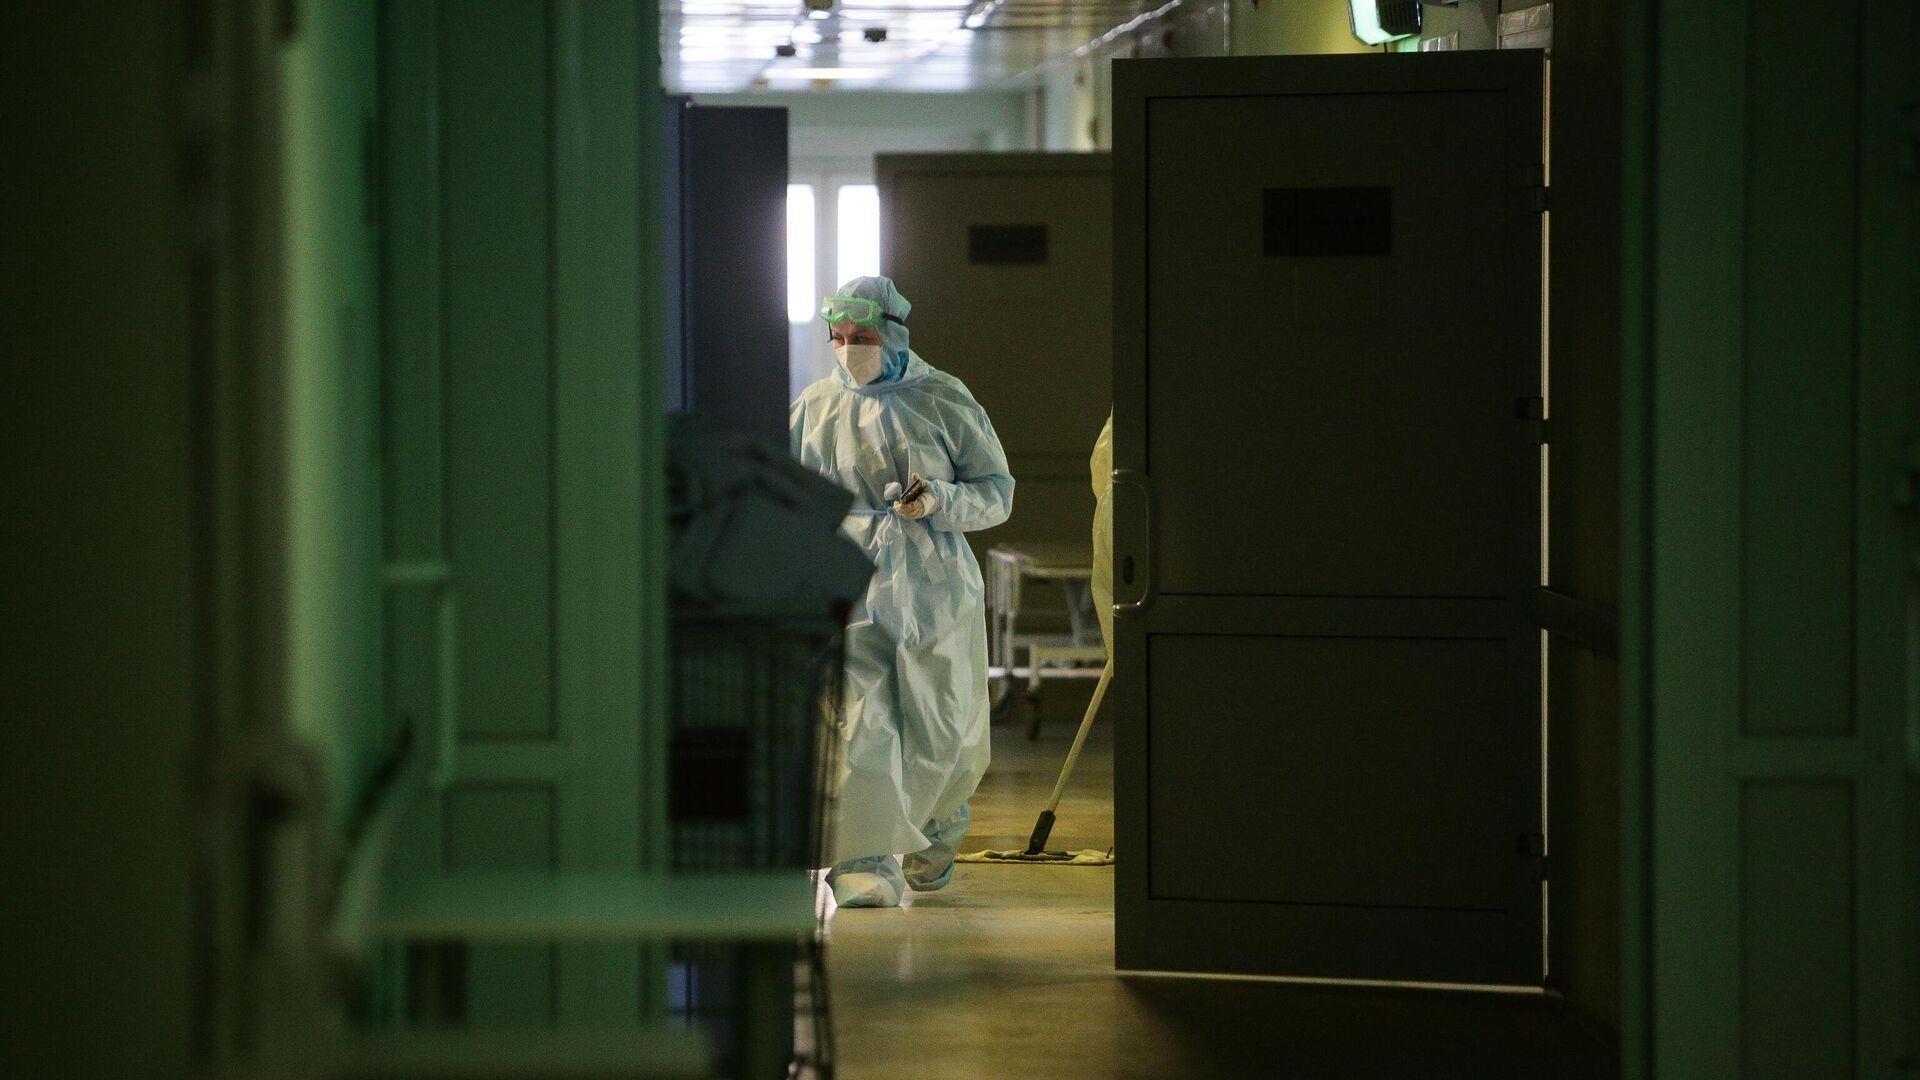 Медик в защитном противоэпидемическом костюме идет по коридору Новосибирской областной клинической больницы - РИА Новости, 1920, 27.02.2021